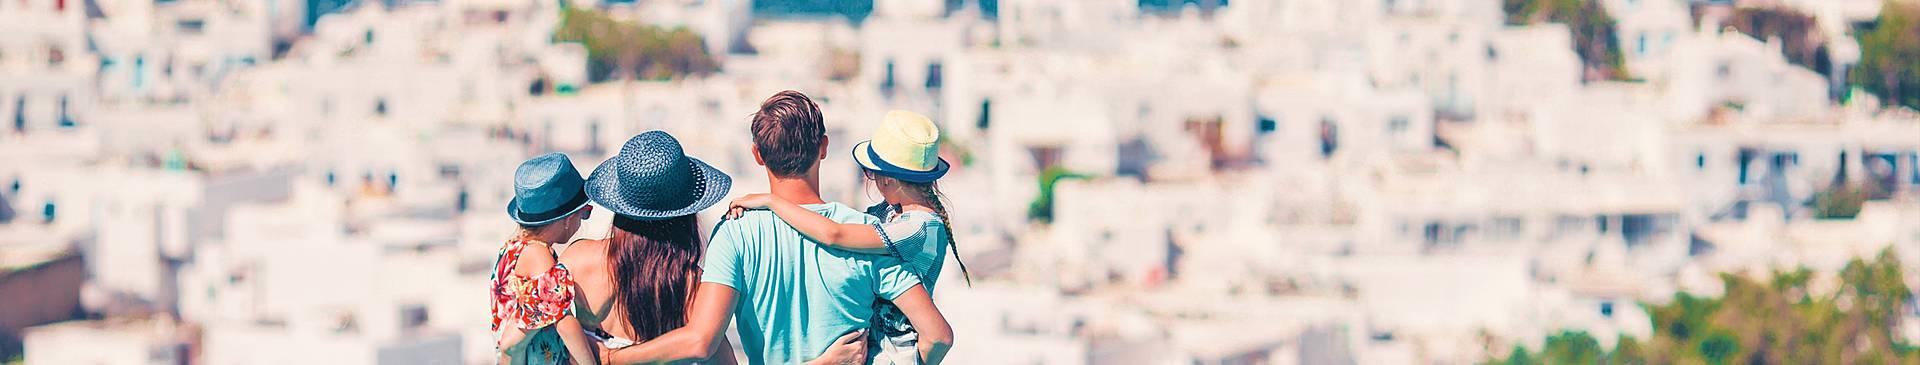 Familienurlaub in Griechenland